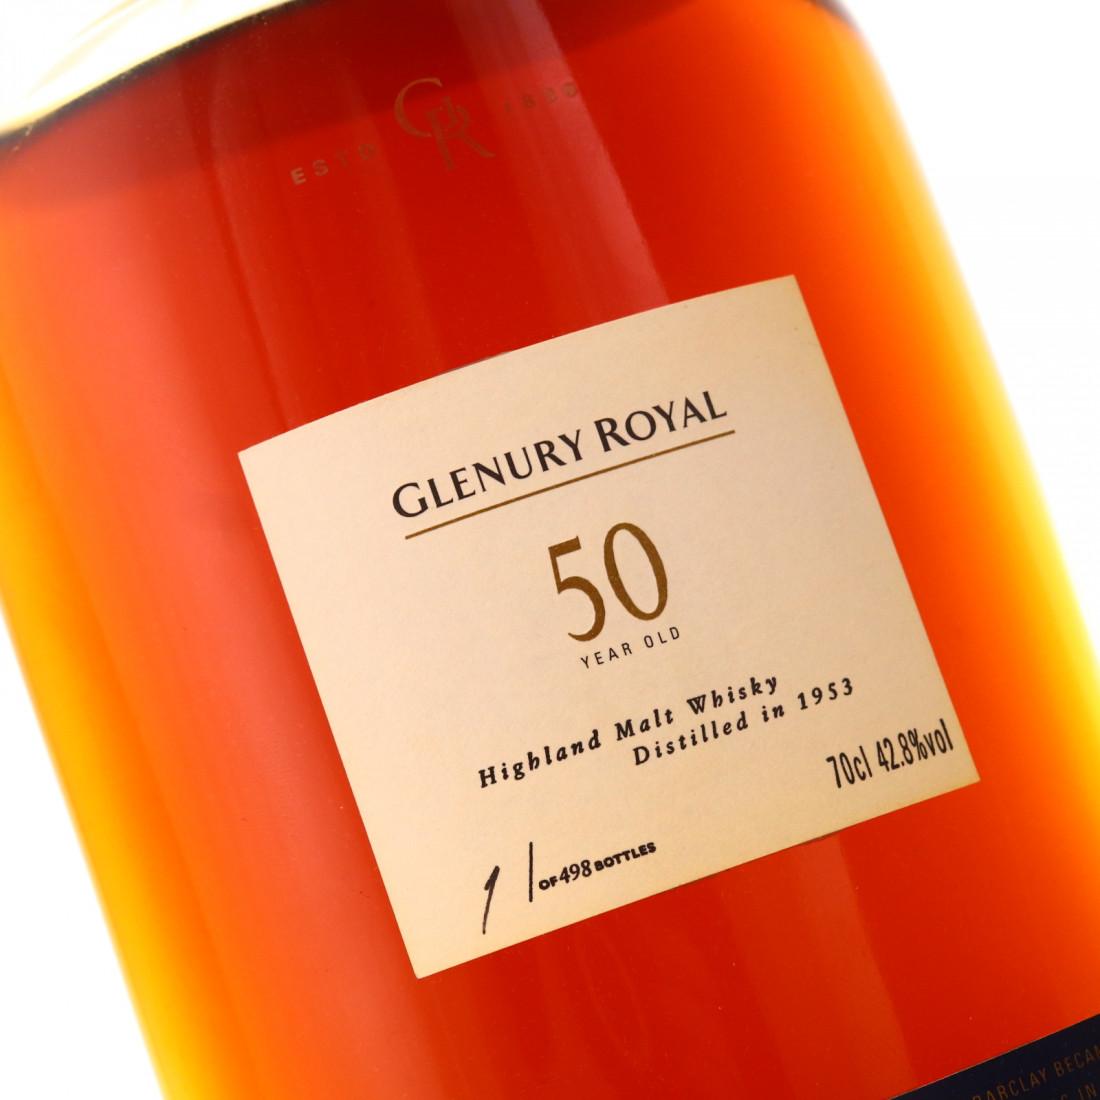 Glenury Royal 1953 50 Year Old / Bottle #1